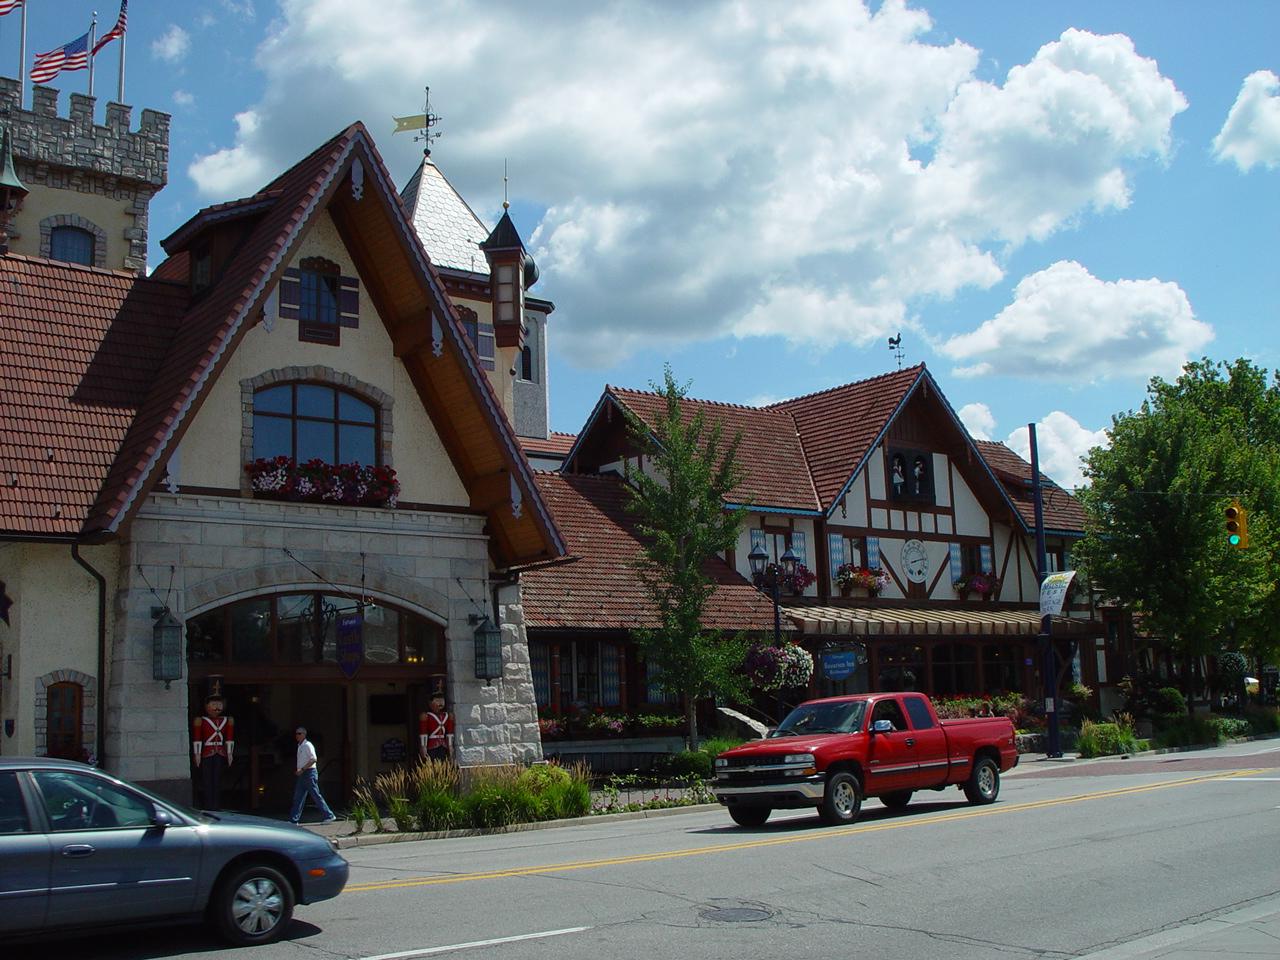 歴史的建物に混ざって、ドイツ風の外観の現代の建物も並んでいるし、アメリカ風の看板もあって、アメリカとドイツがミックスしたような雰囲気でした。